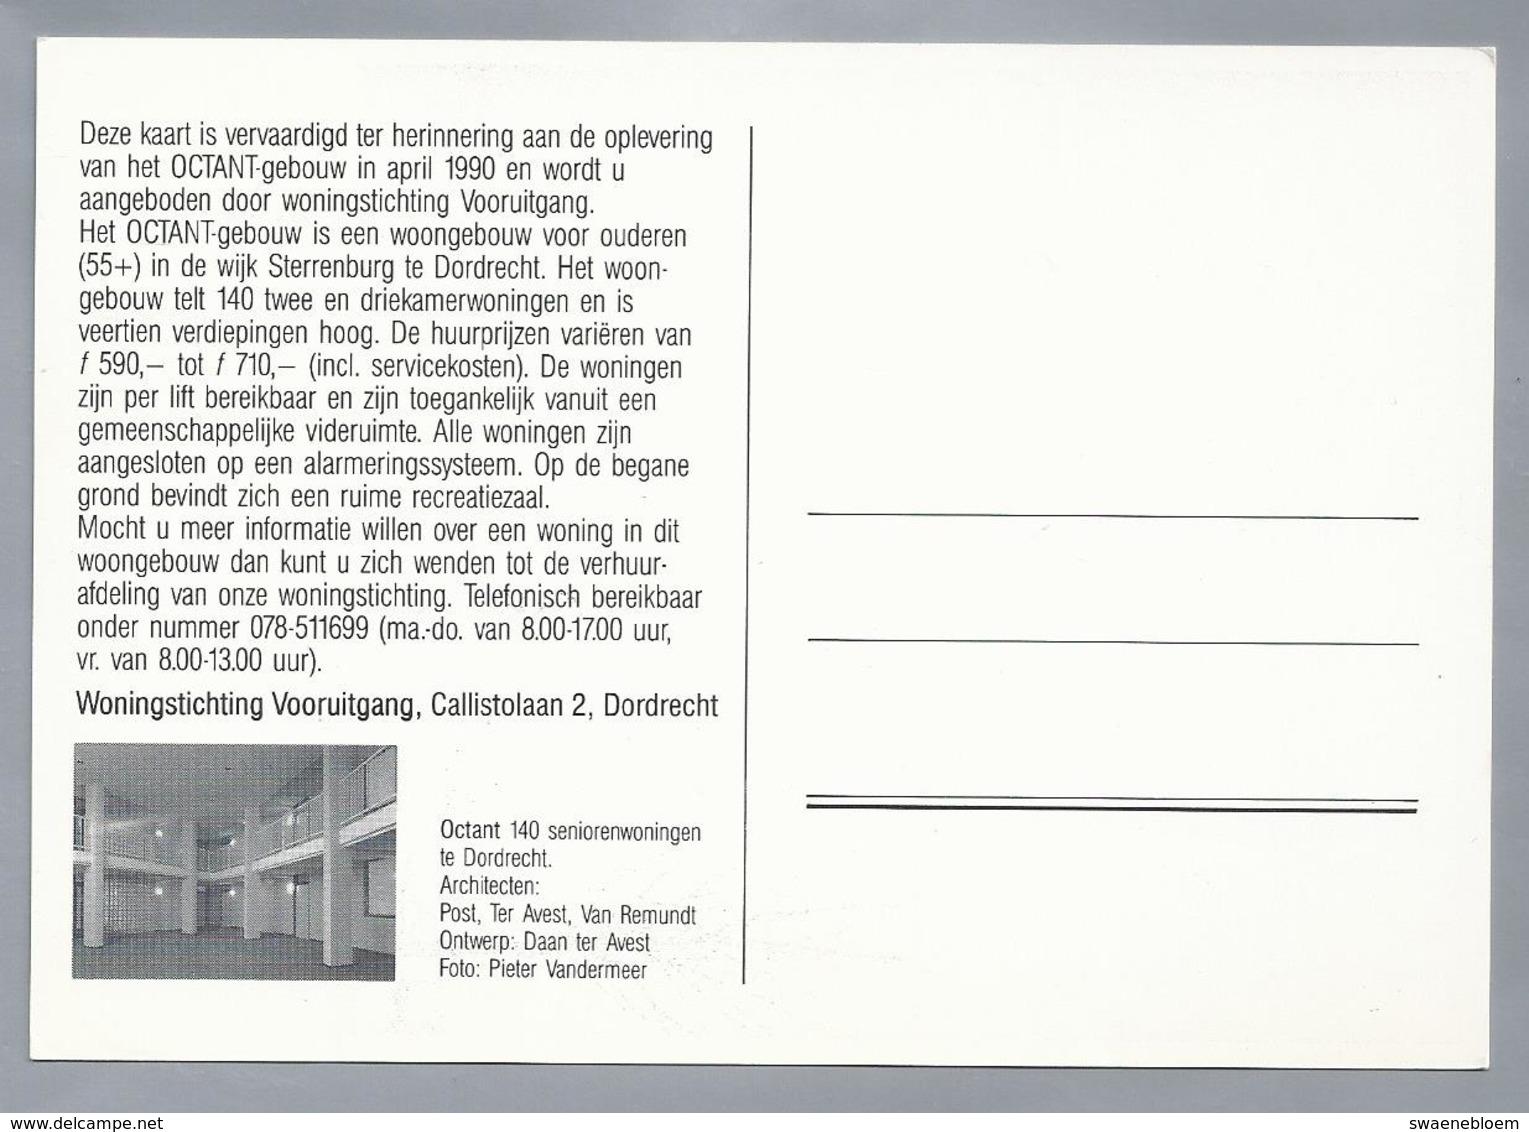 NL.- DORDRECHT. Gebouw OCTANT Oplevering In 1990. Ontwerp Dan Avest. Foto. Pieter Vandermeer. - Dordrecht